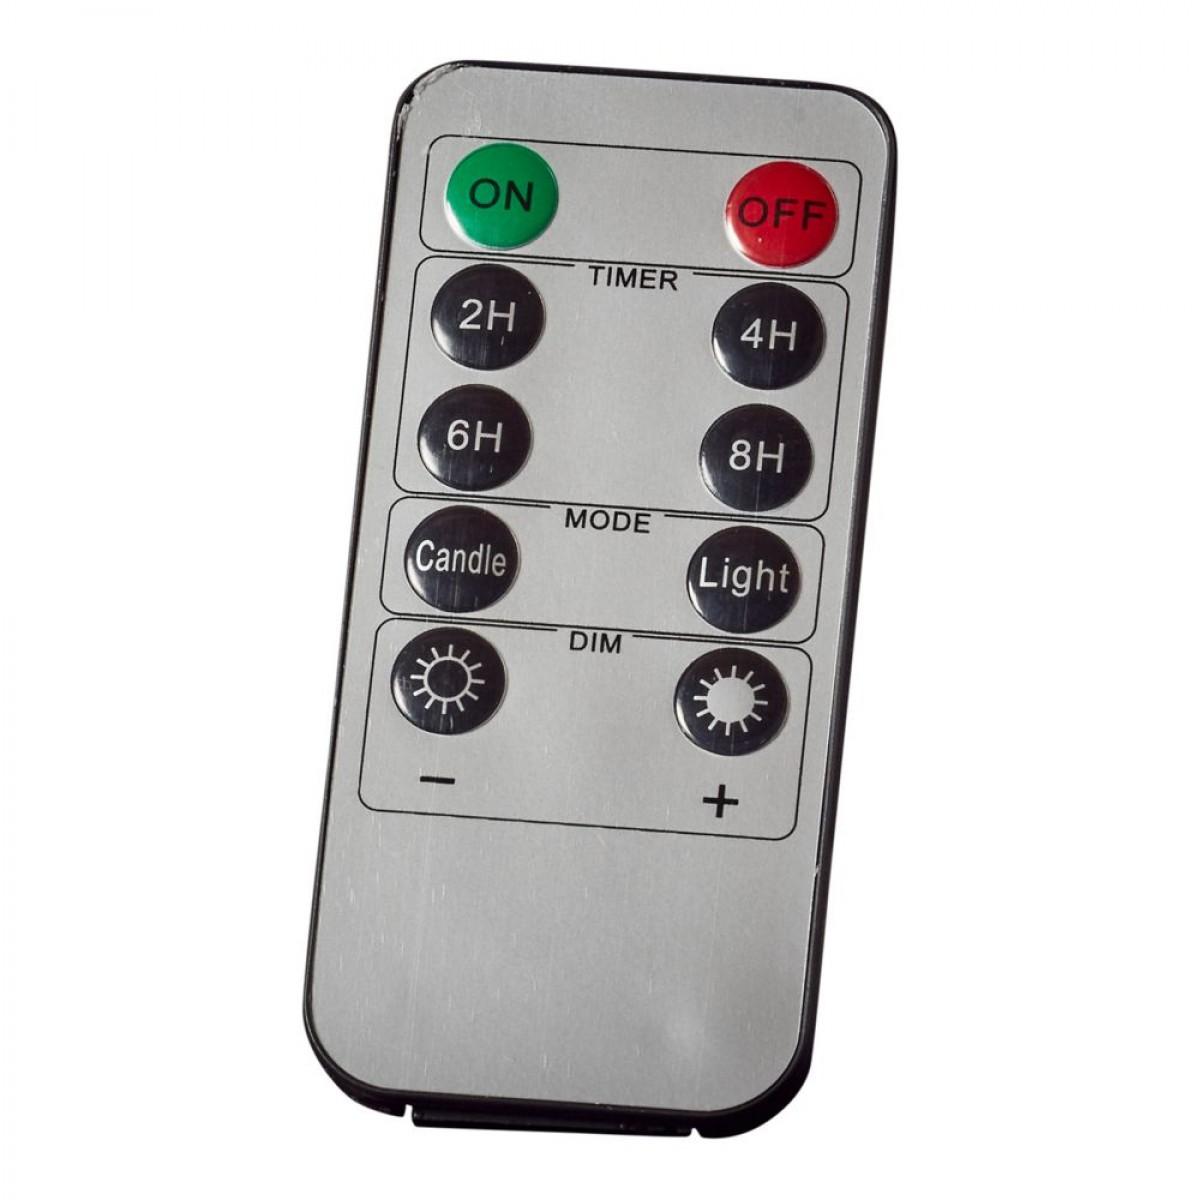 CONZEPT Multifunktionsfjernbetjening (Kan bruges til alle lys produkter med chip)